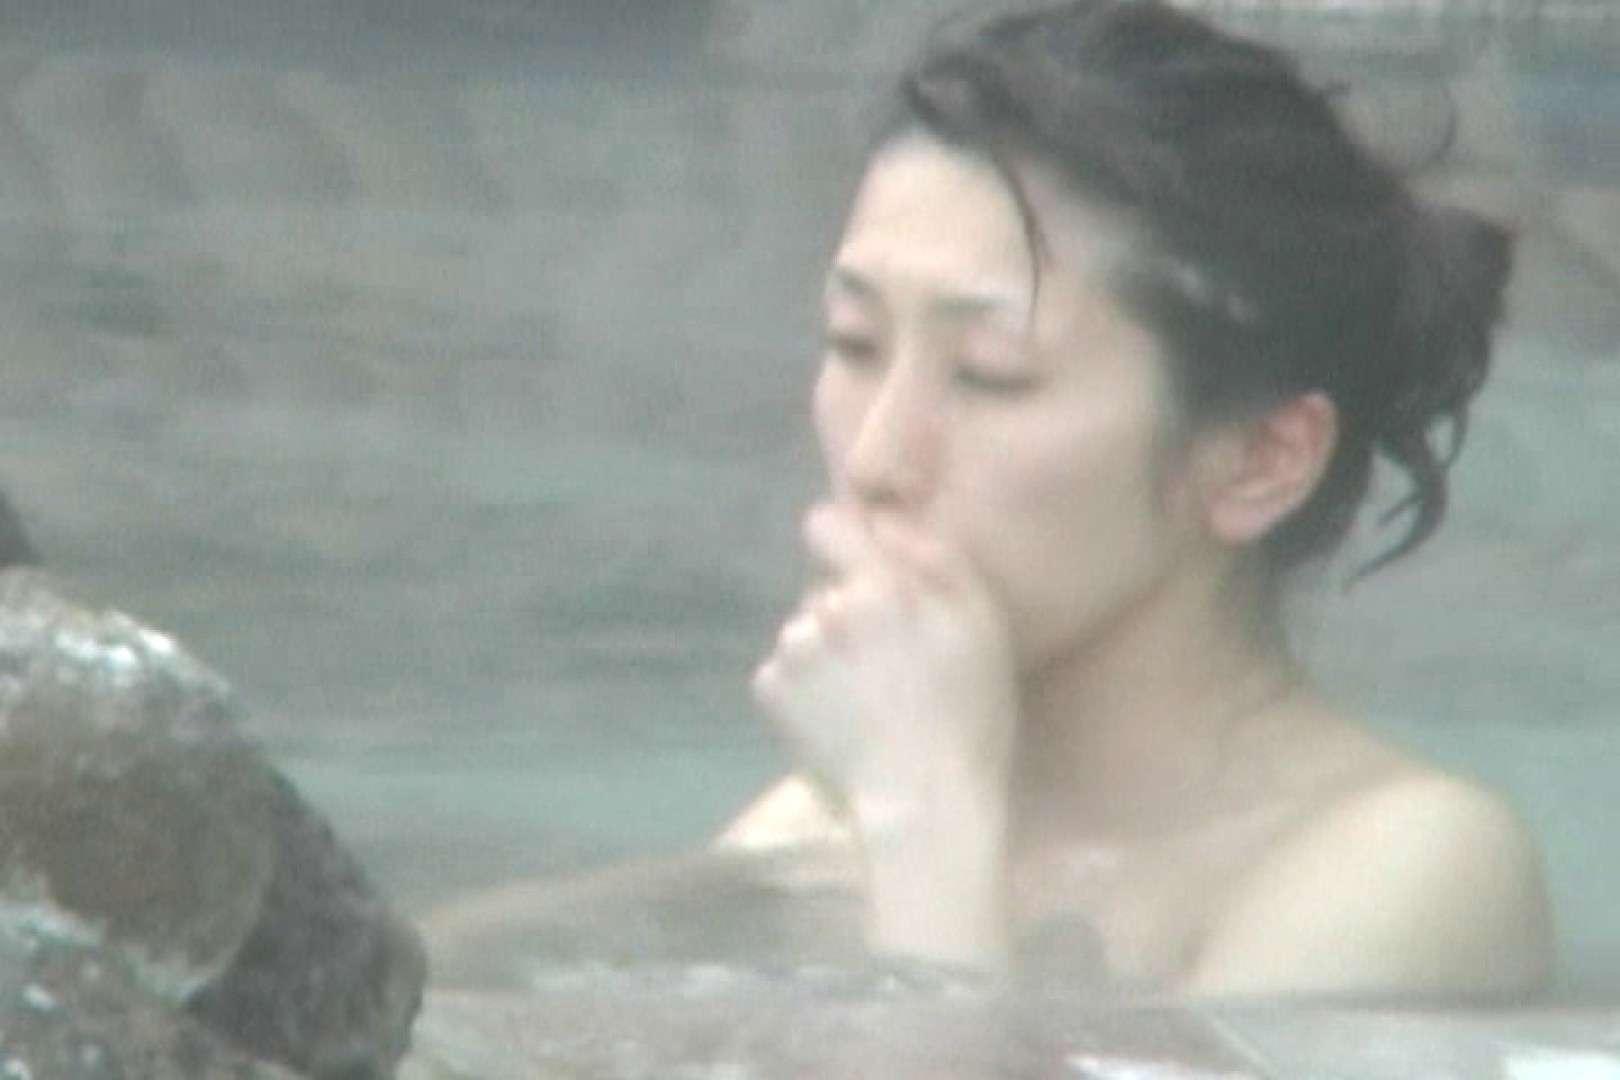 Aquaな露天風呂Vol.588 OLのエロ生活  53連発 27